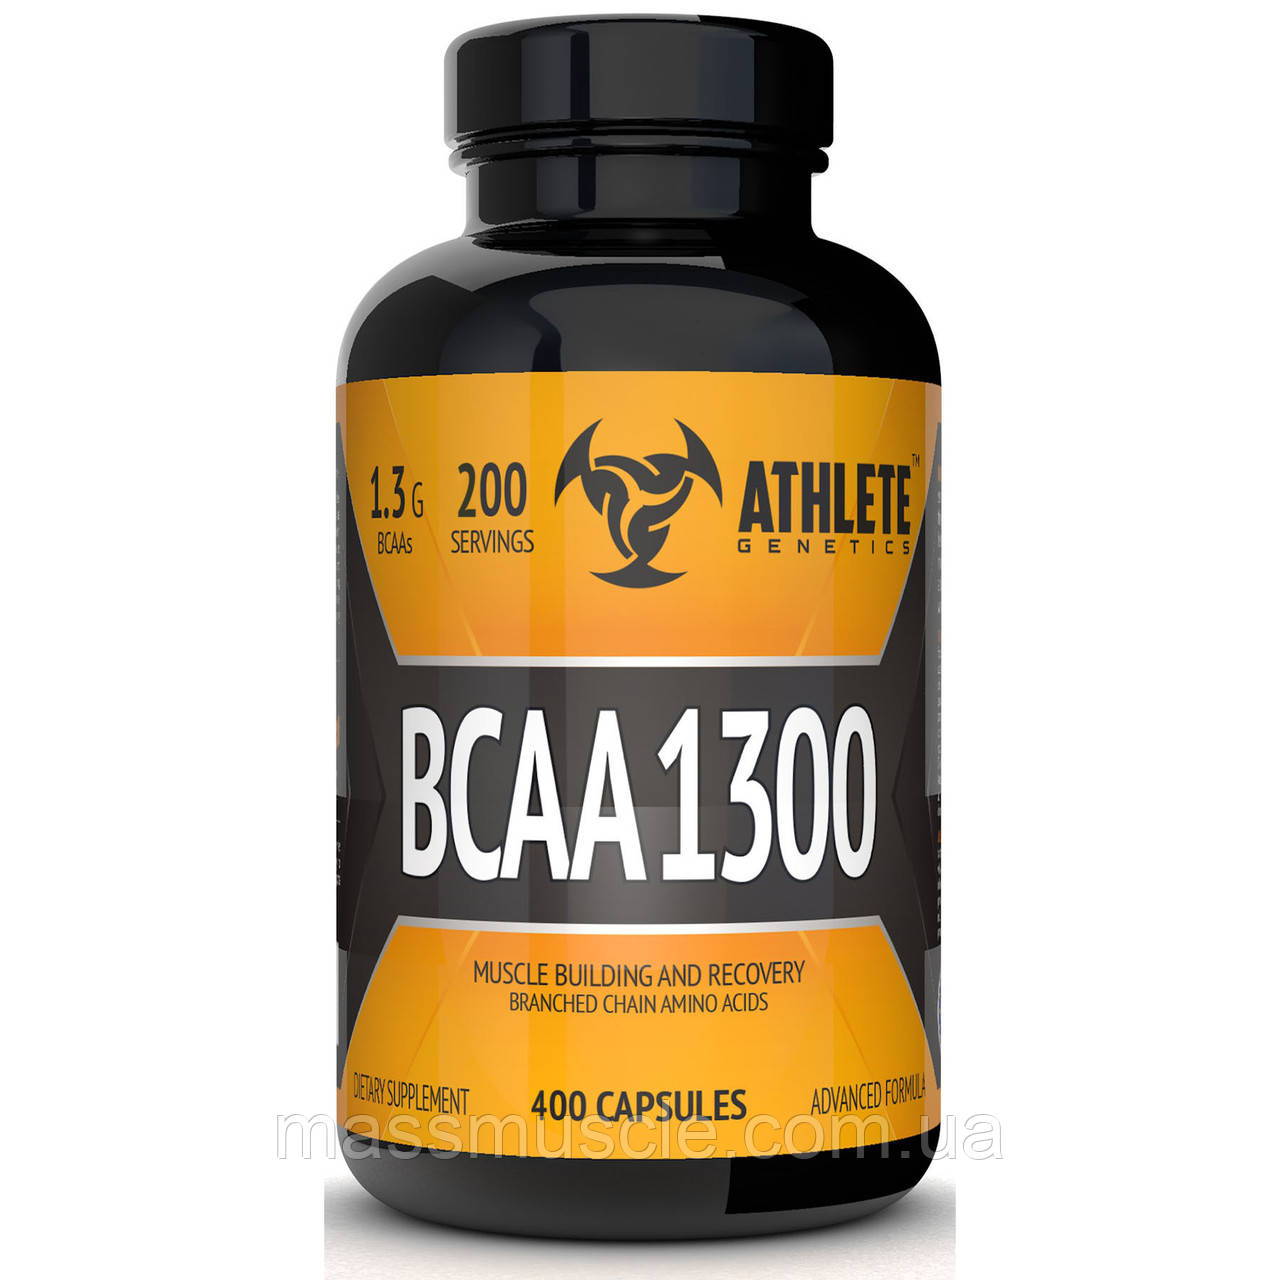 ВСАА Athlete Genetics BCAA 1300 400 caps